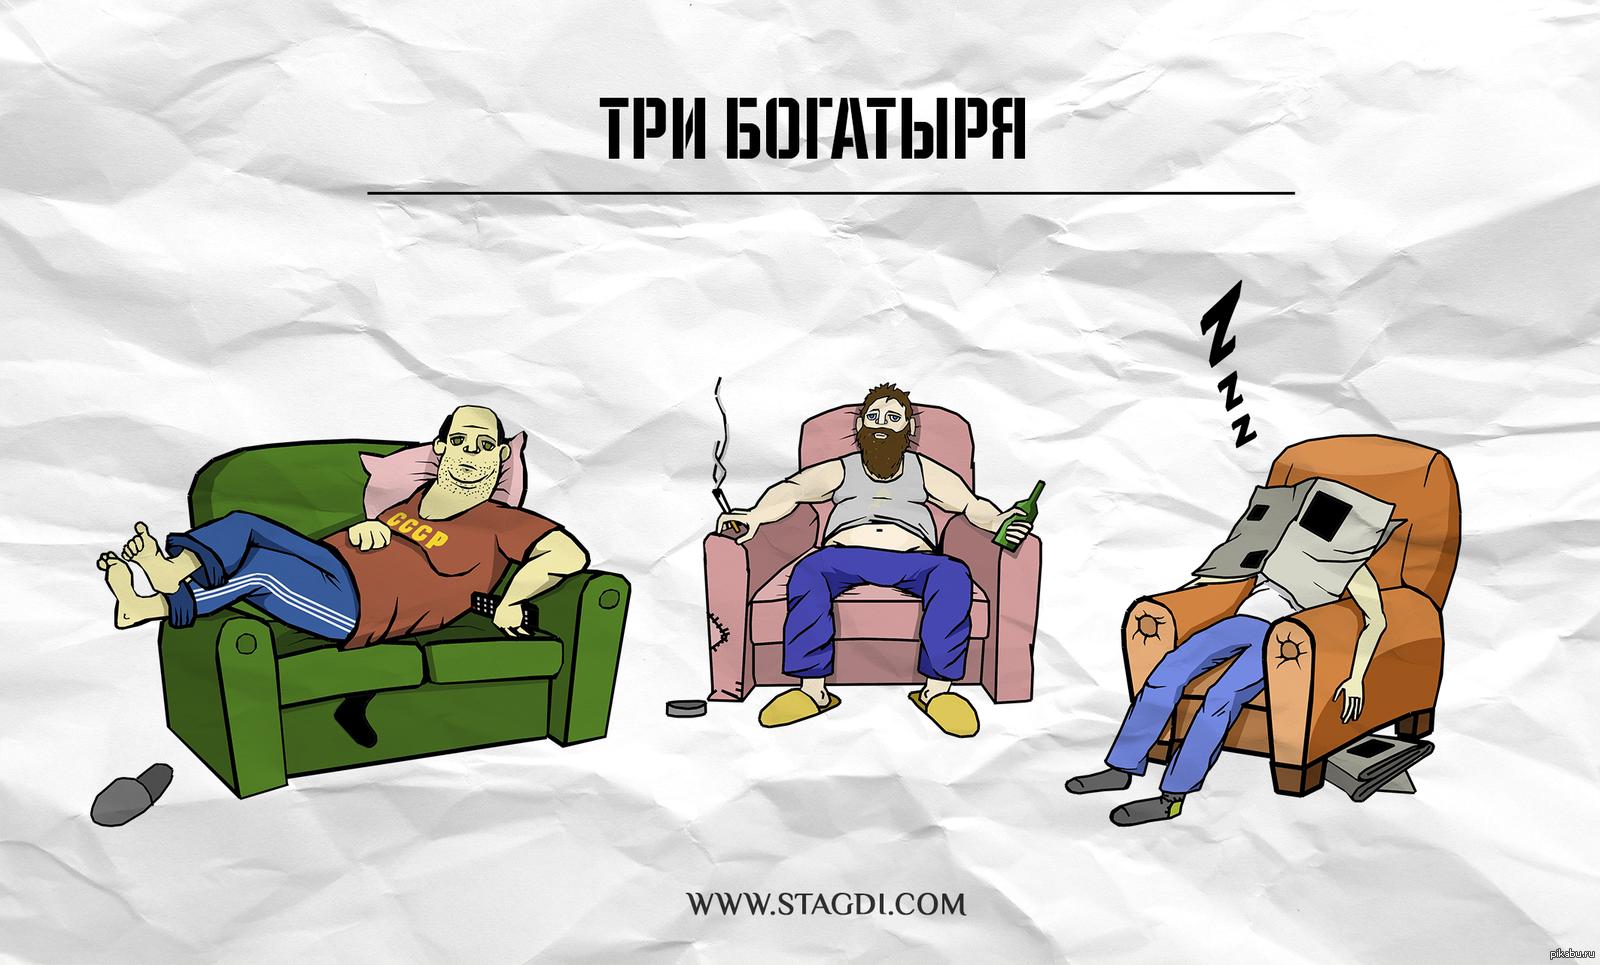 Три богатыря картинка смешная